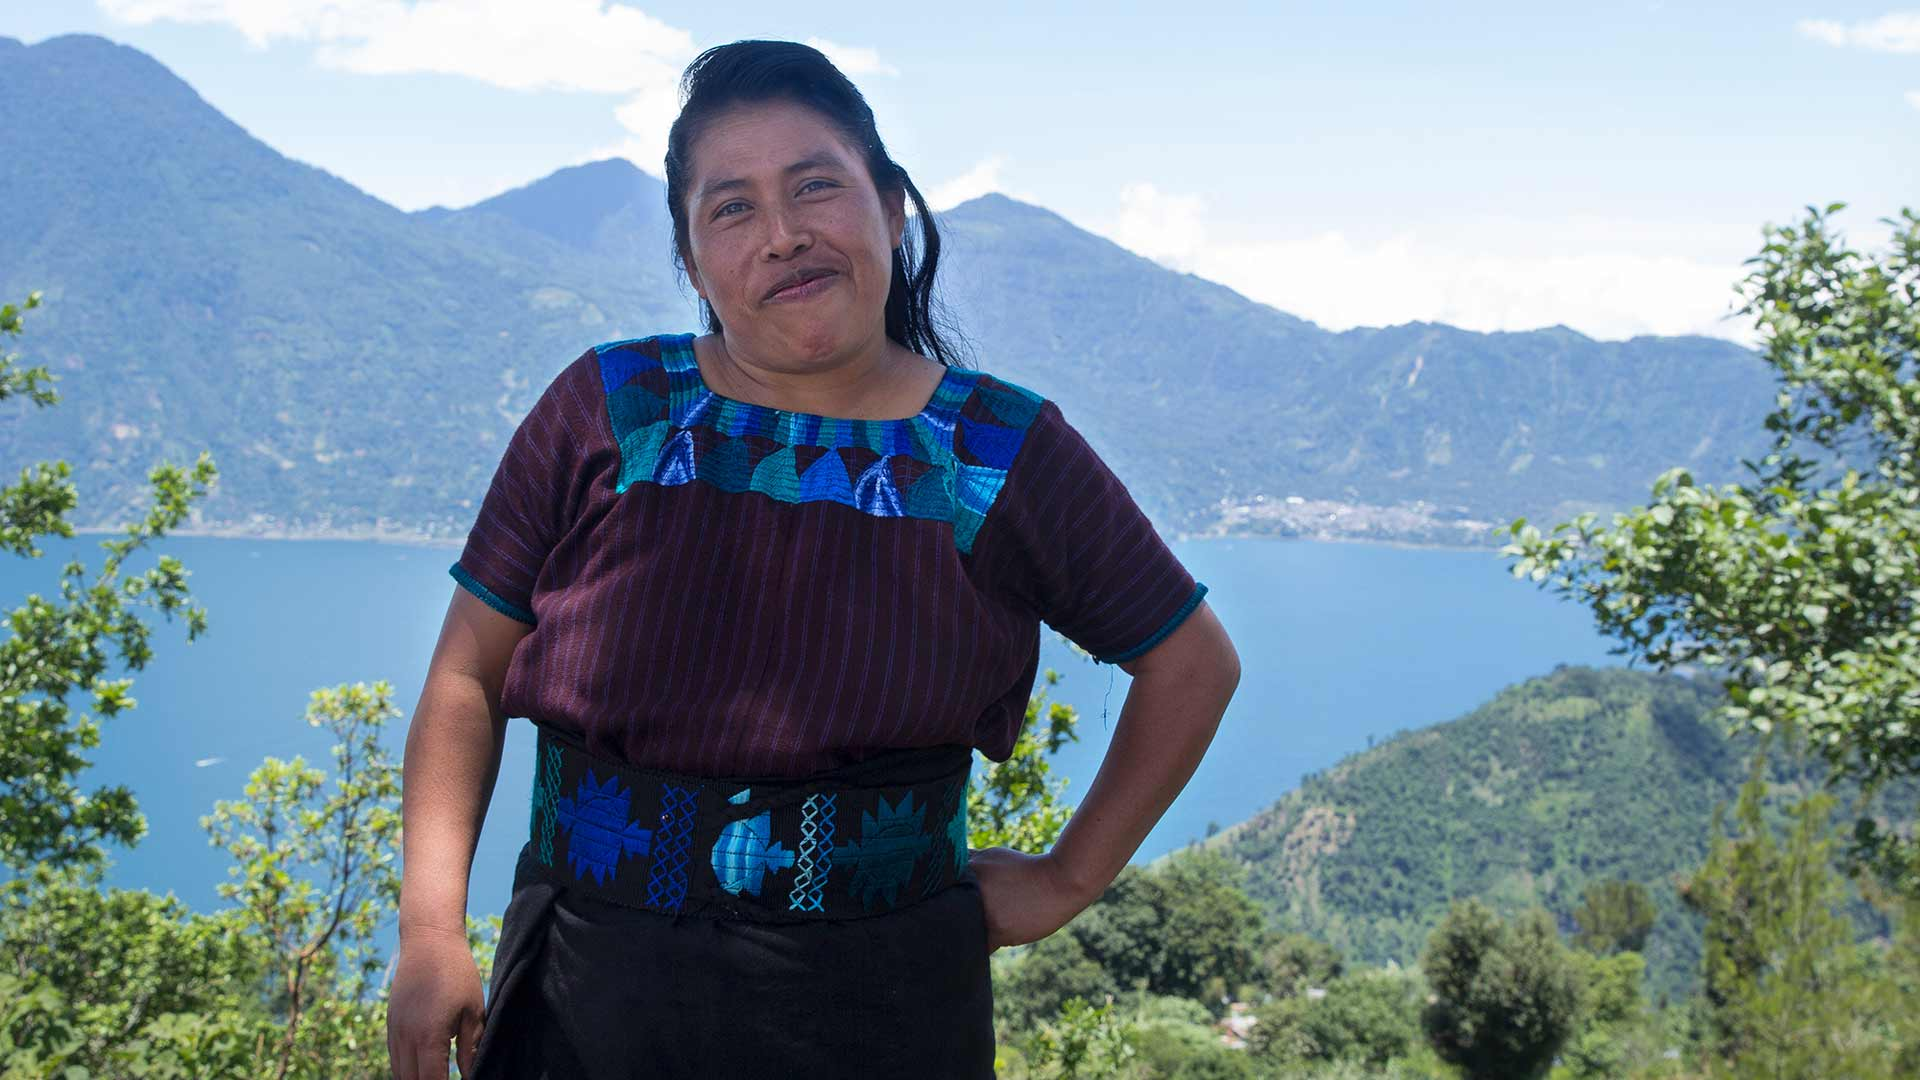 Lucía driver ett småföretag som tillverkar smycken i Guatemala